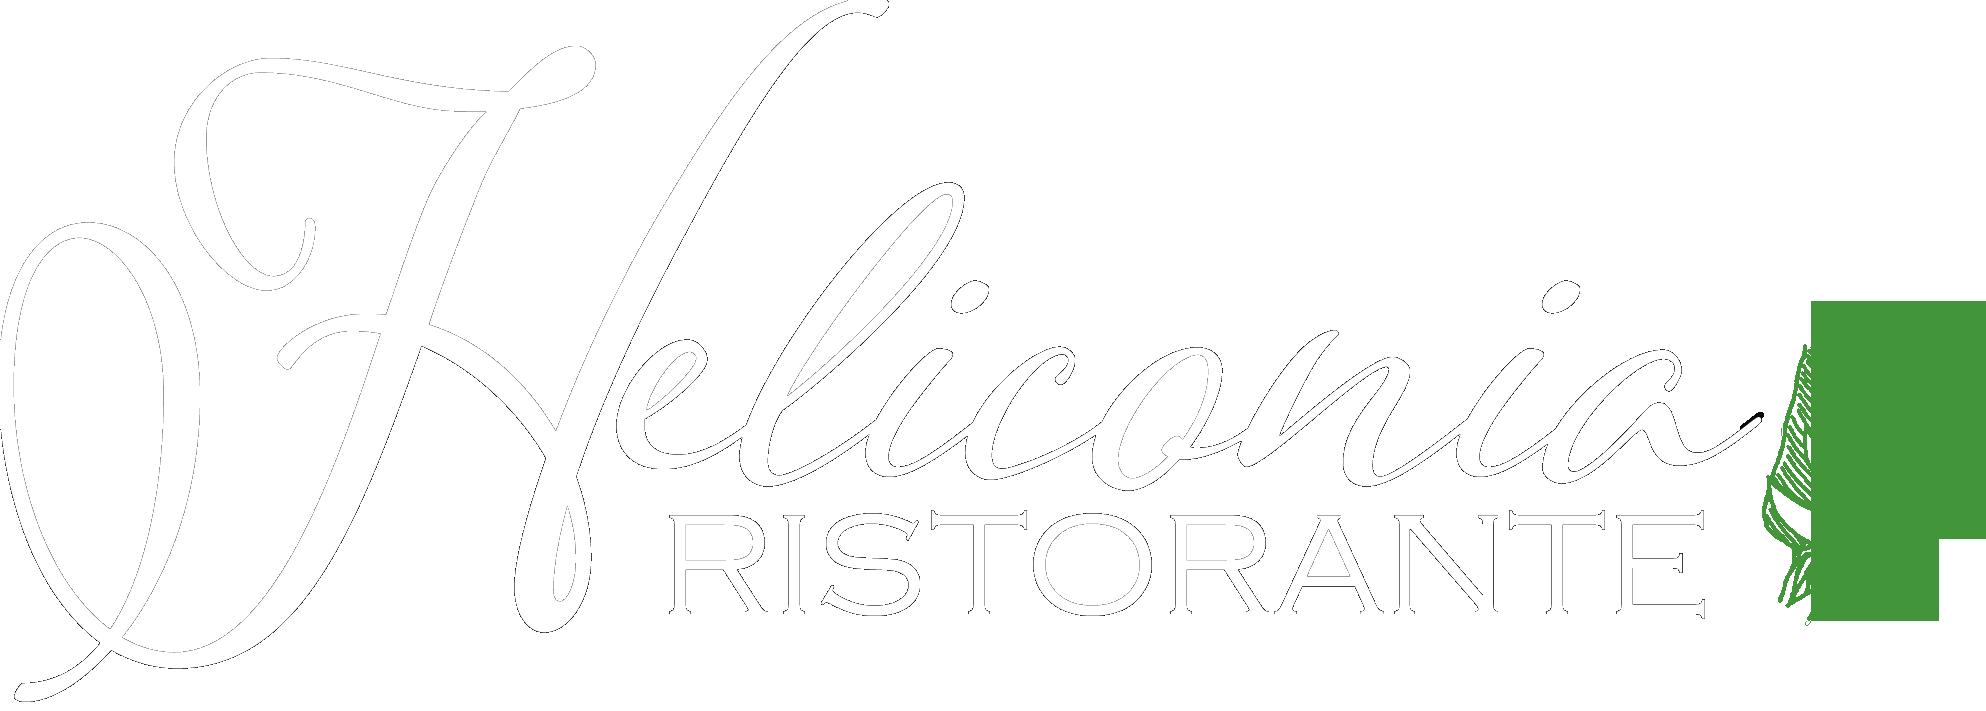 Heliconia Ristorante - Antonio Falcone Chef